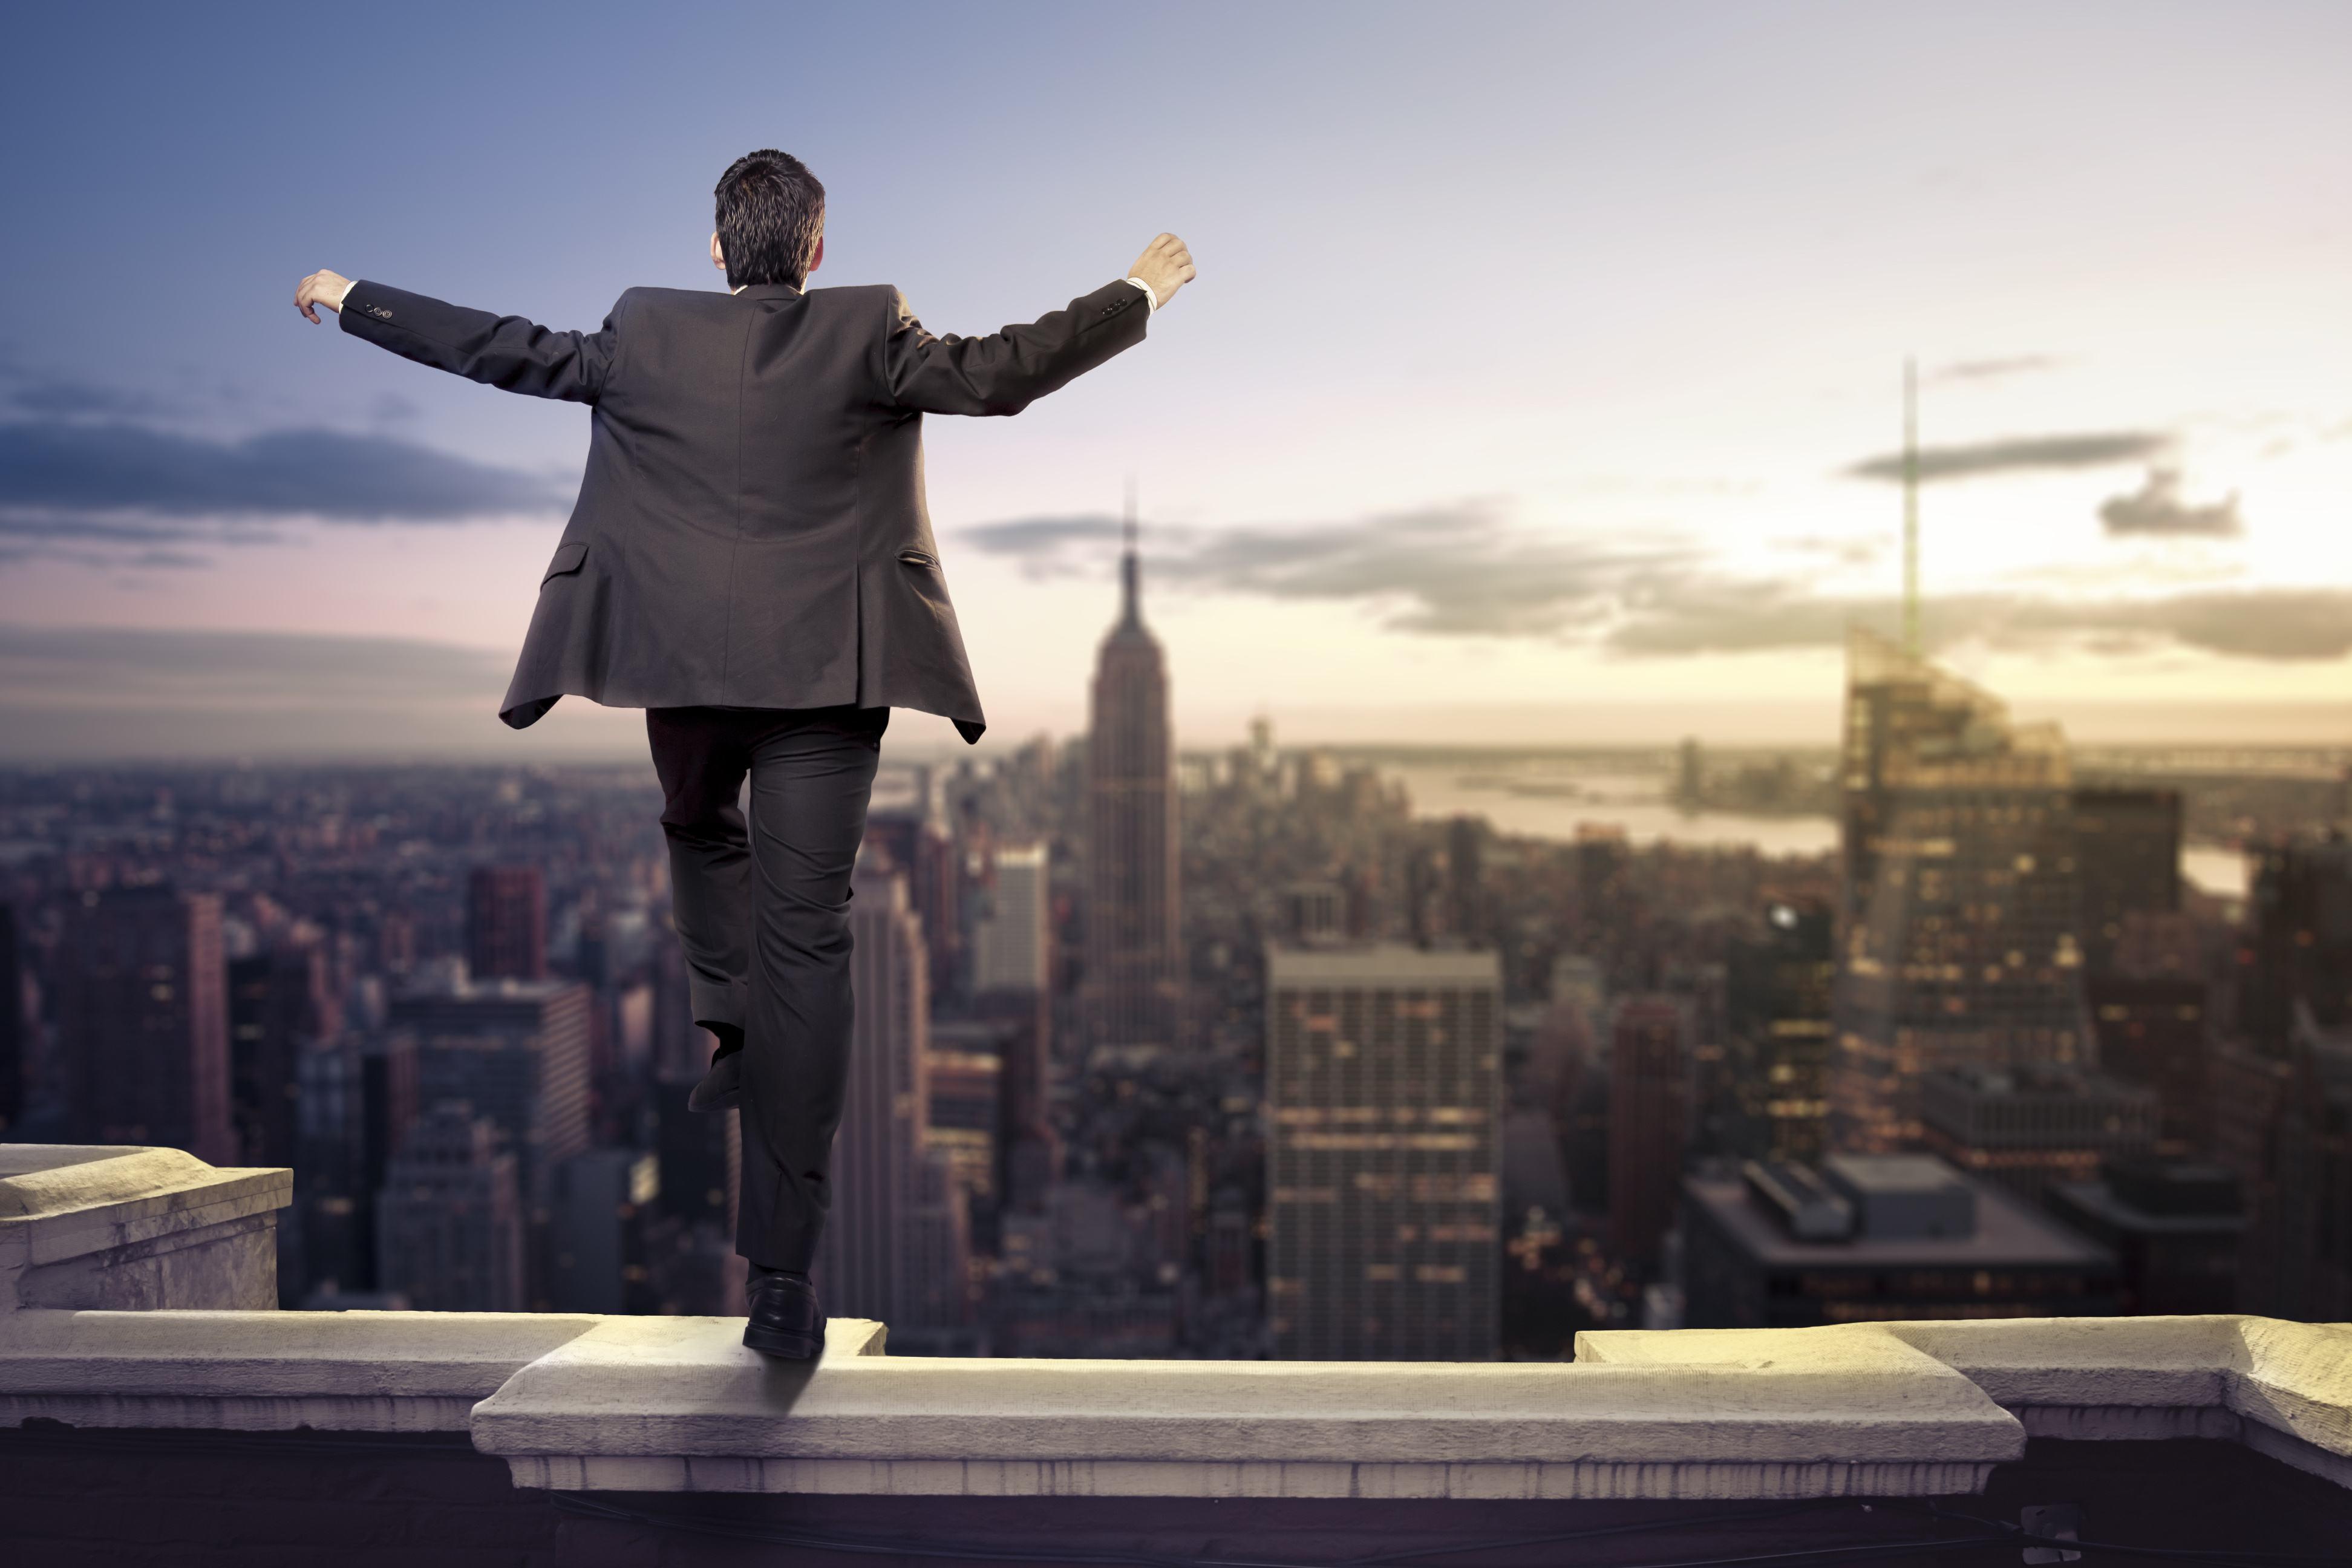 高管培训:管理力与领导力二者有什么不同?